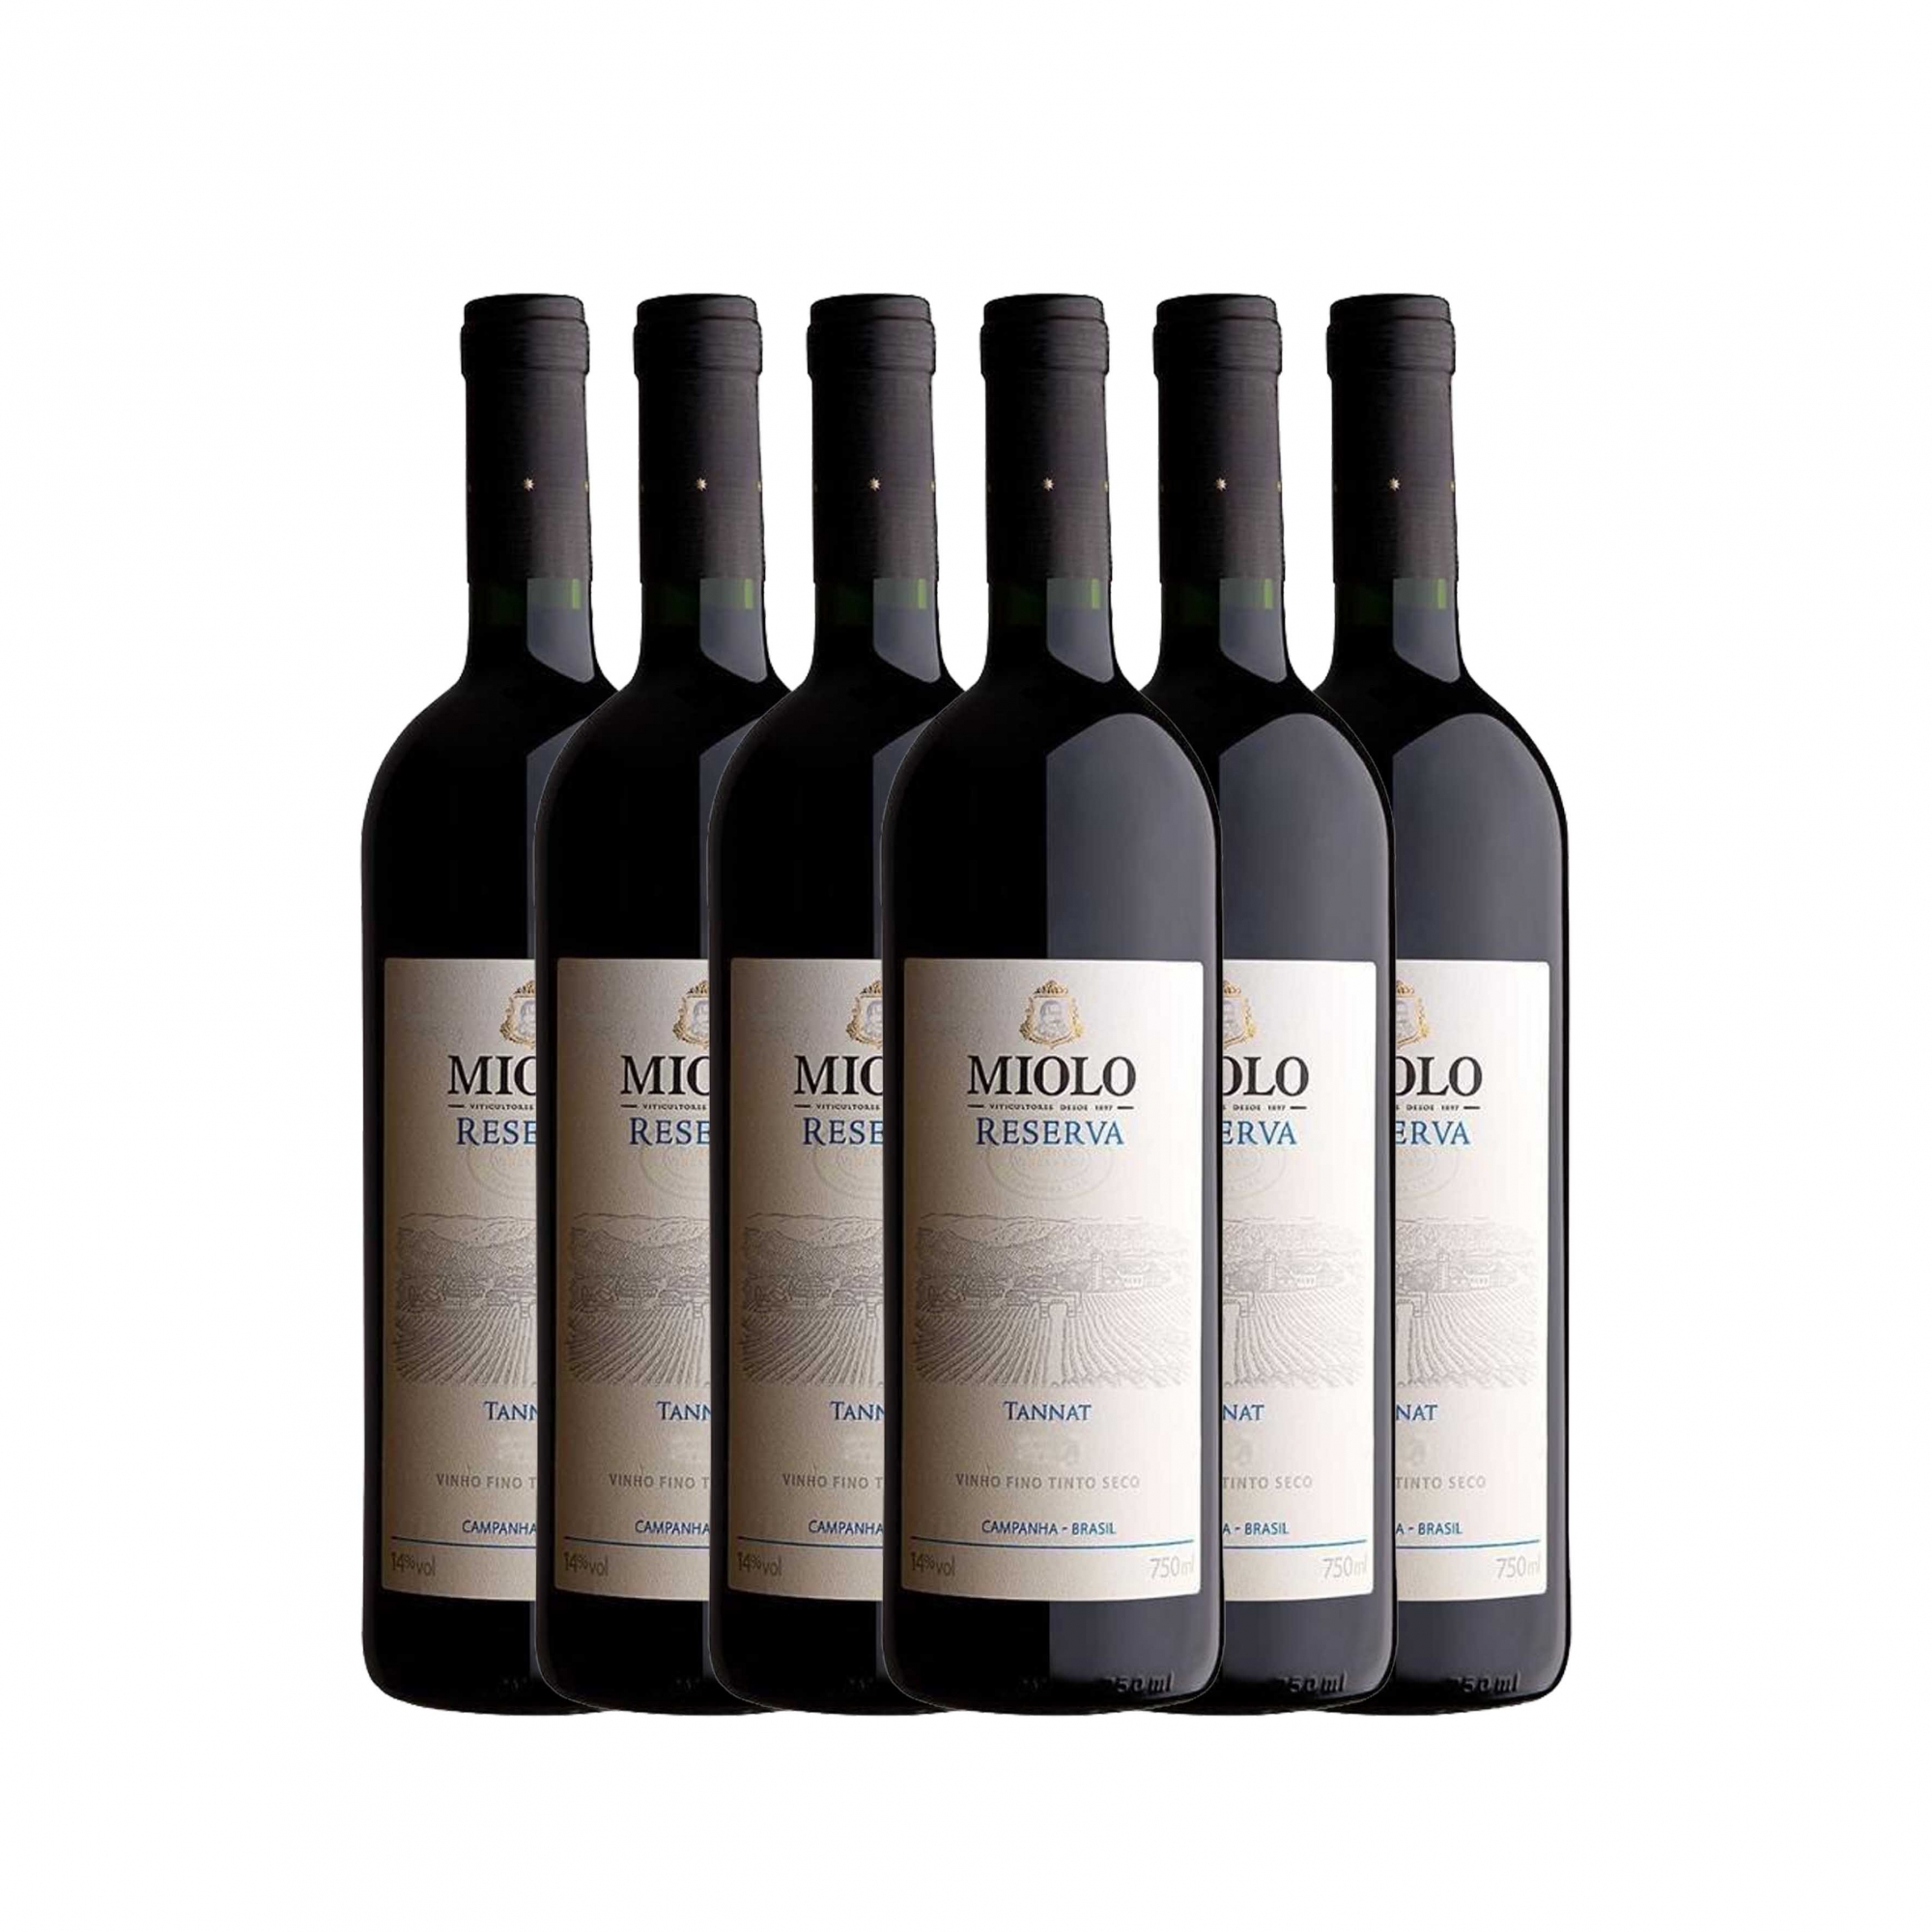 Kit 6x Vinho Tinto Brasileiro Miolo Reserva Tannat 2015 750ml